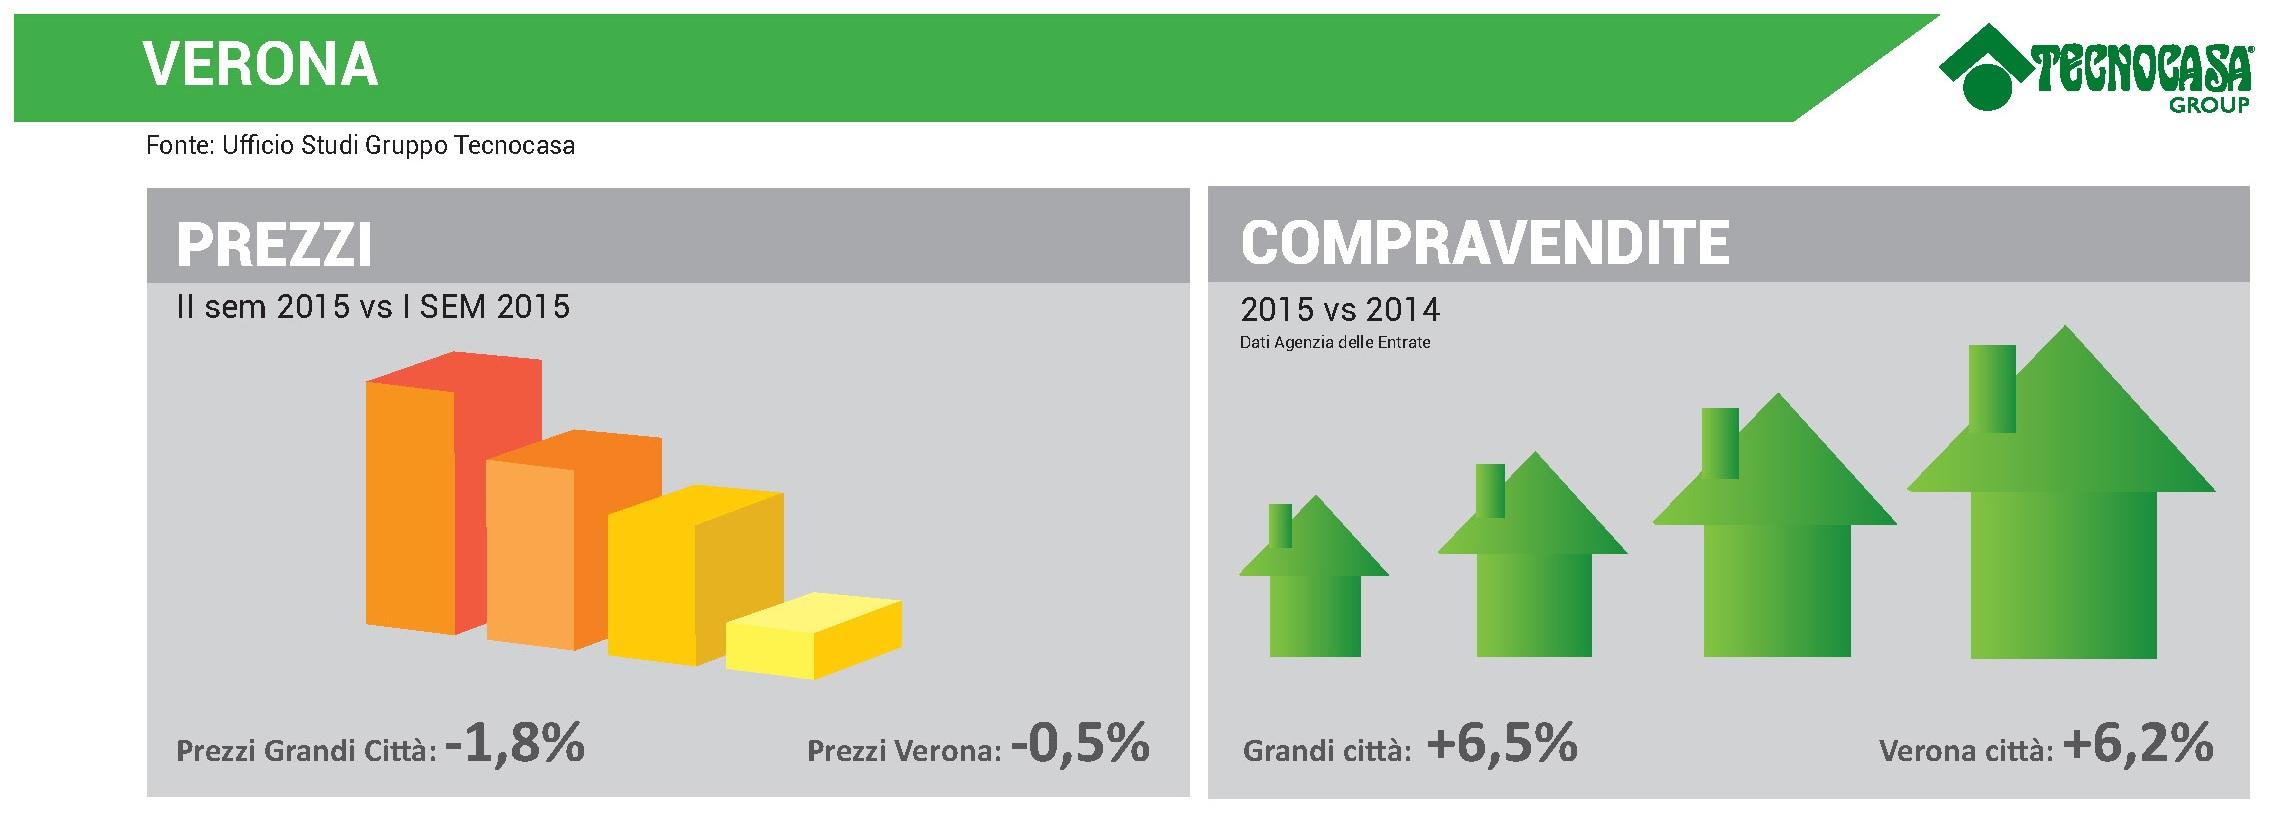 Infografica prezzi e compravendite Verona - Gruppo Tecnocasa